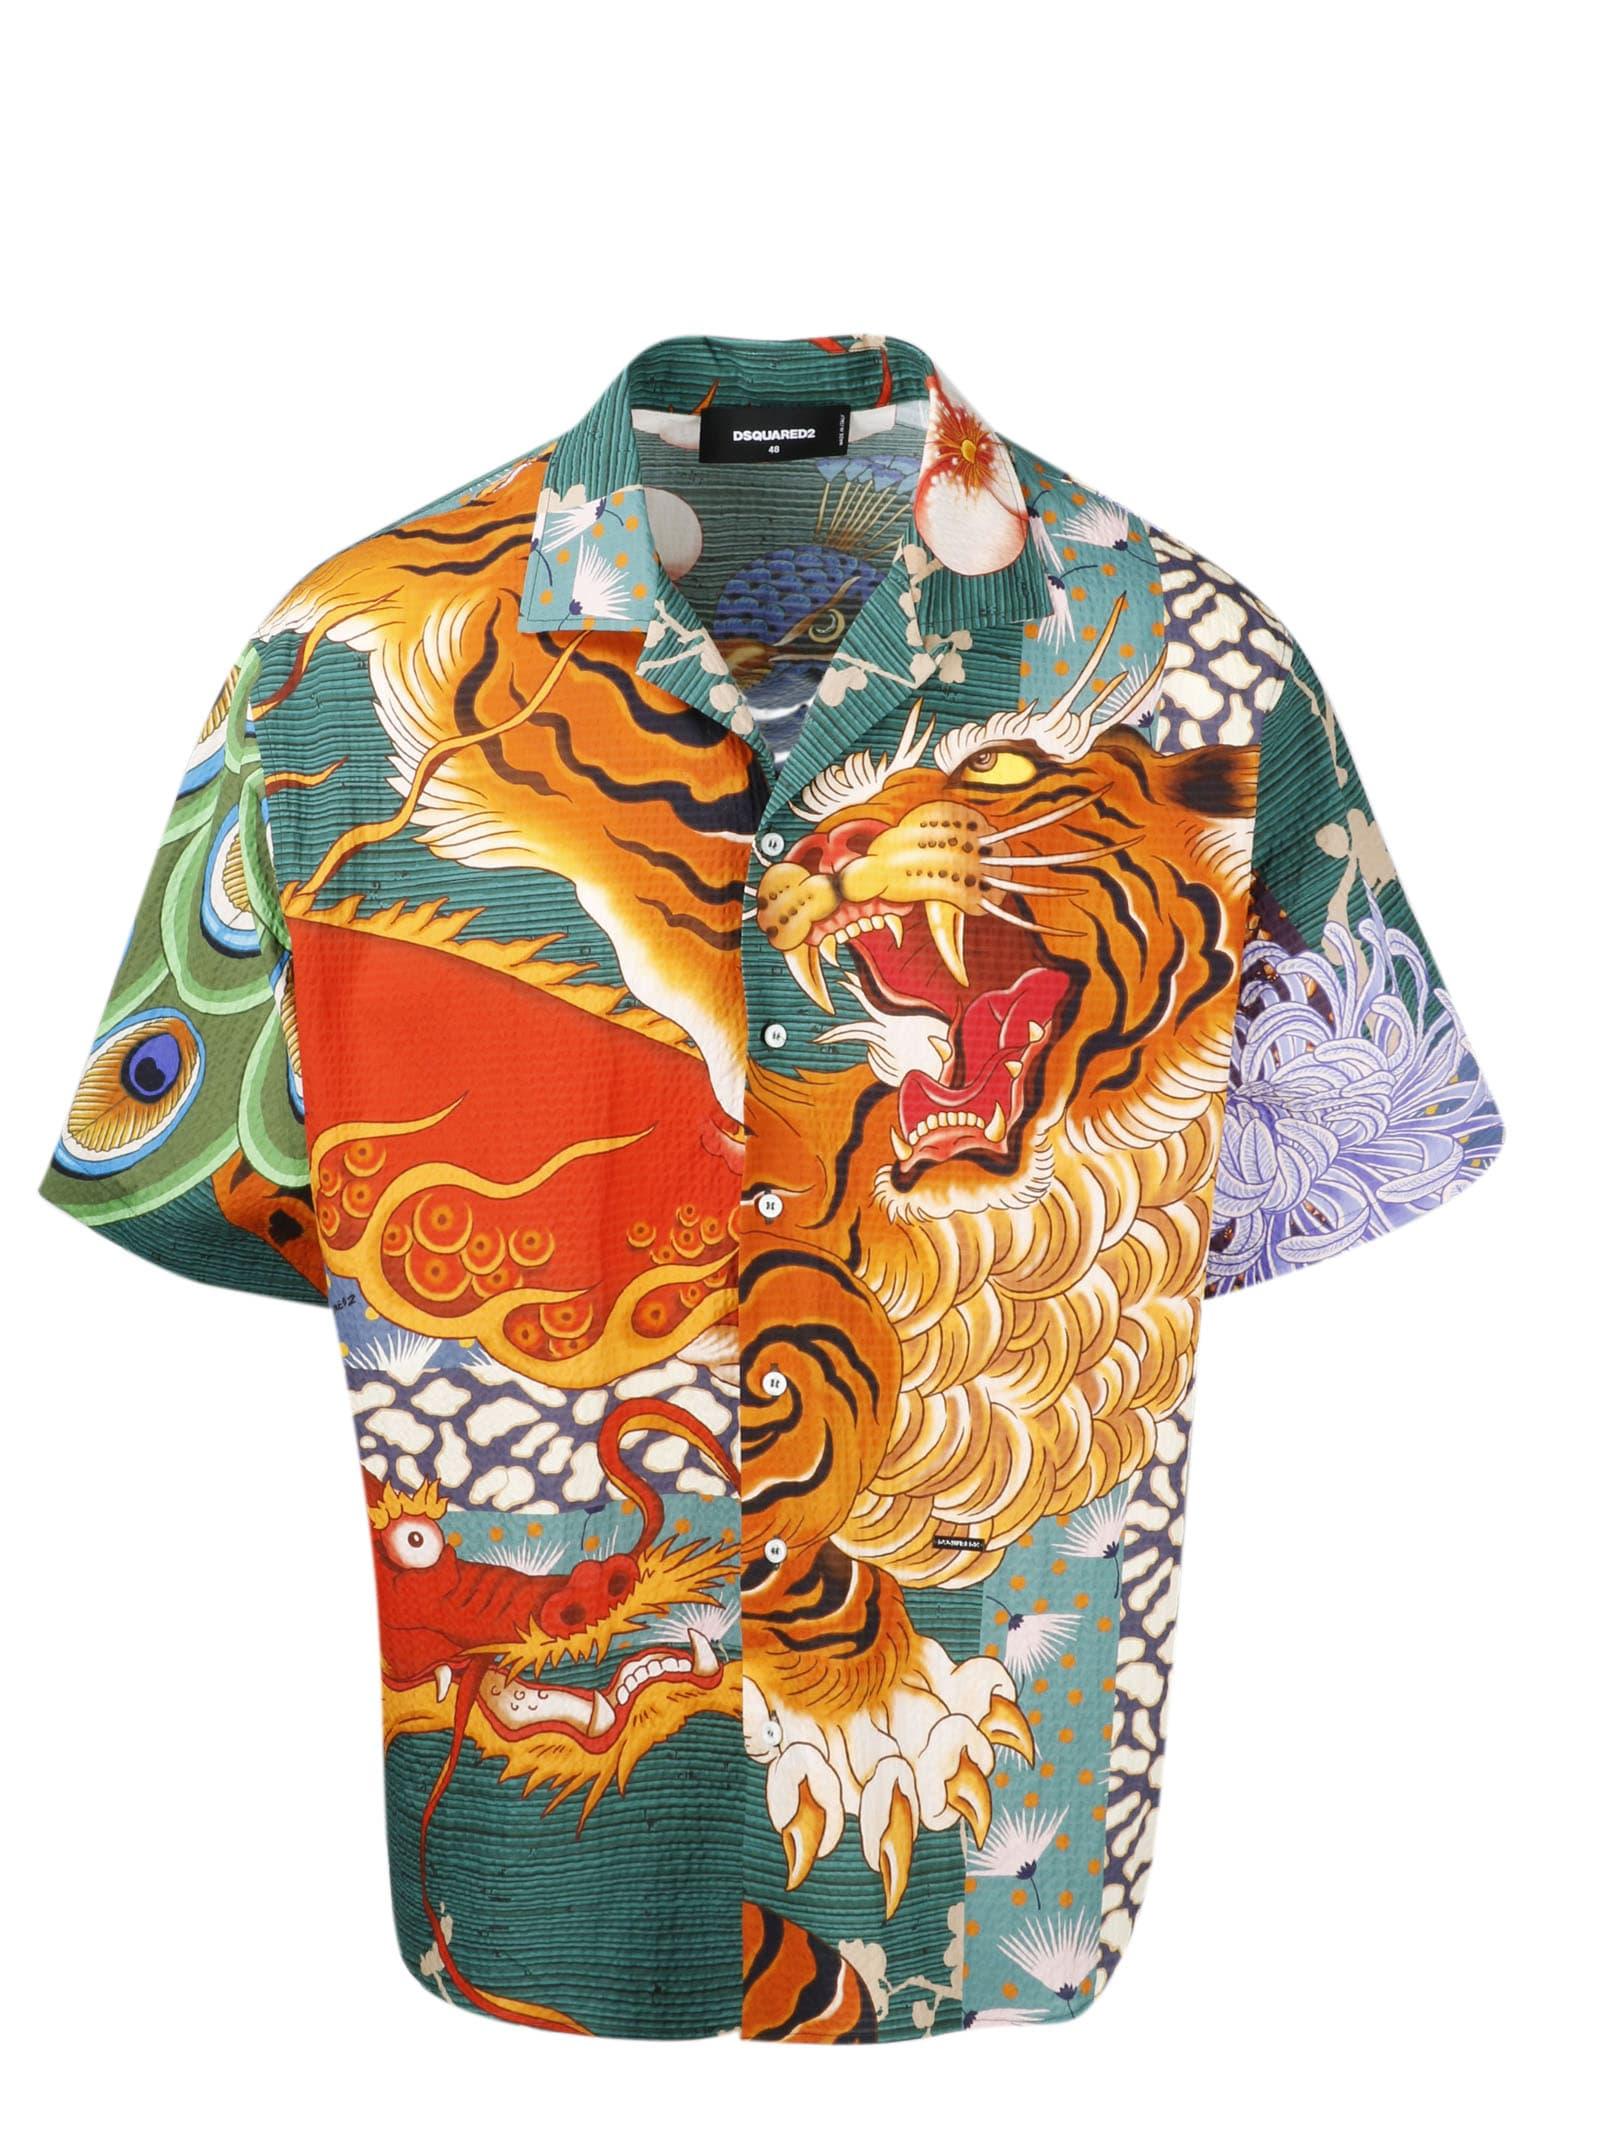 Dsquared2 Zodiac Bowling Shirt